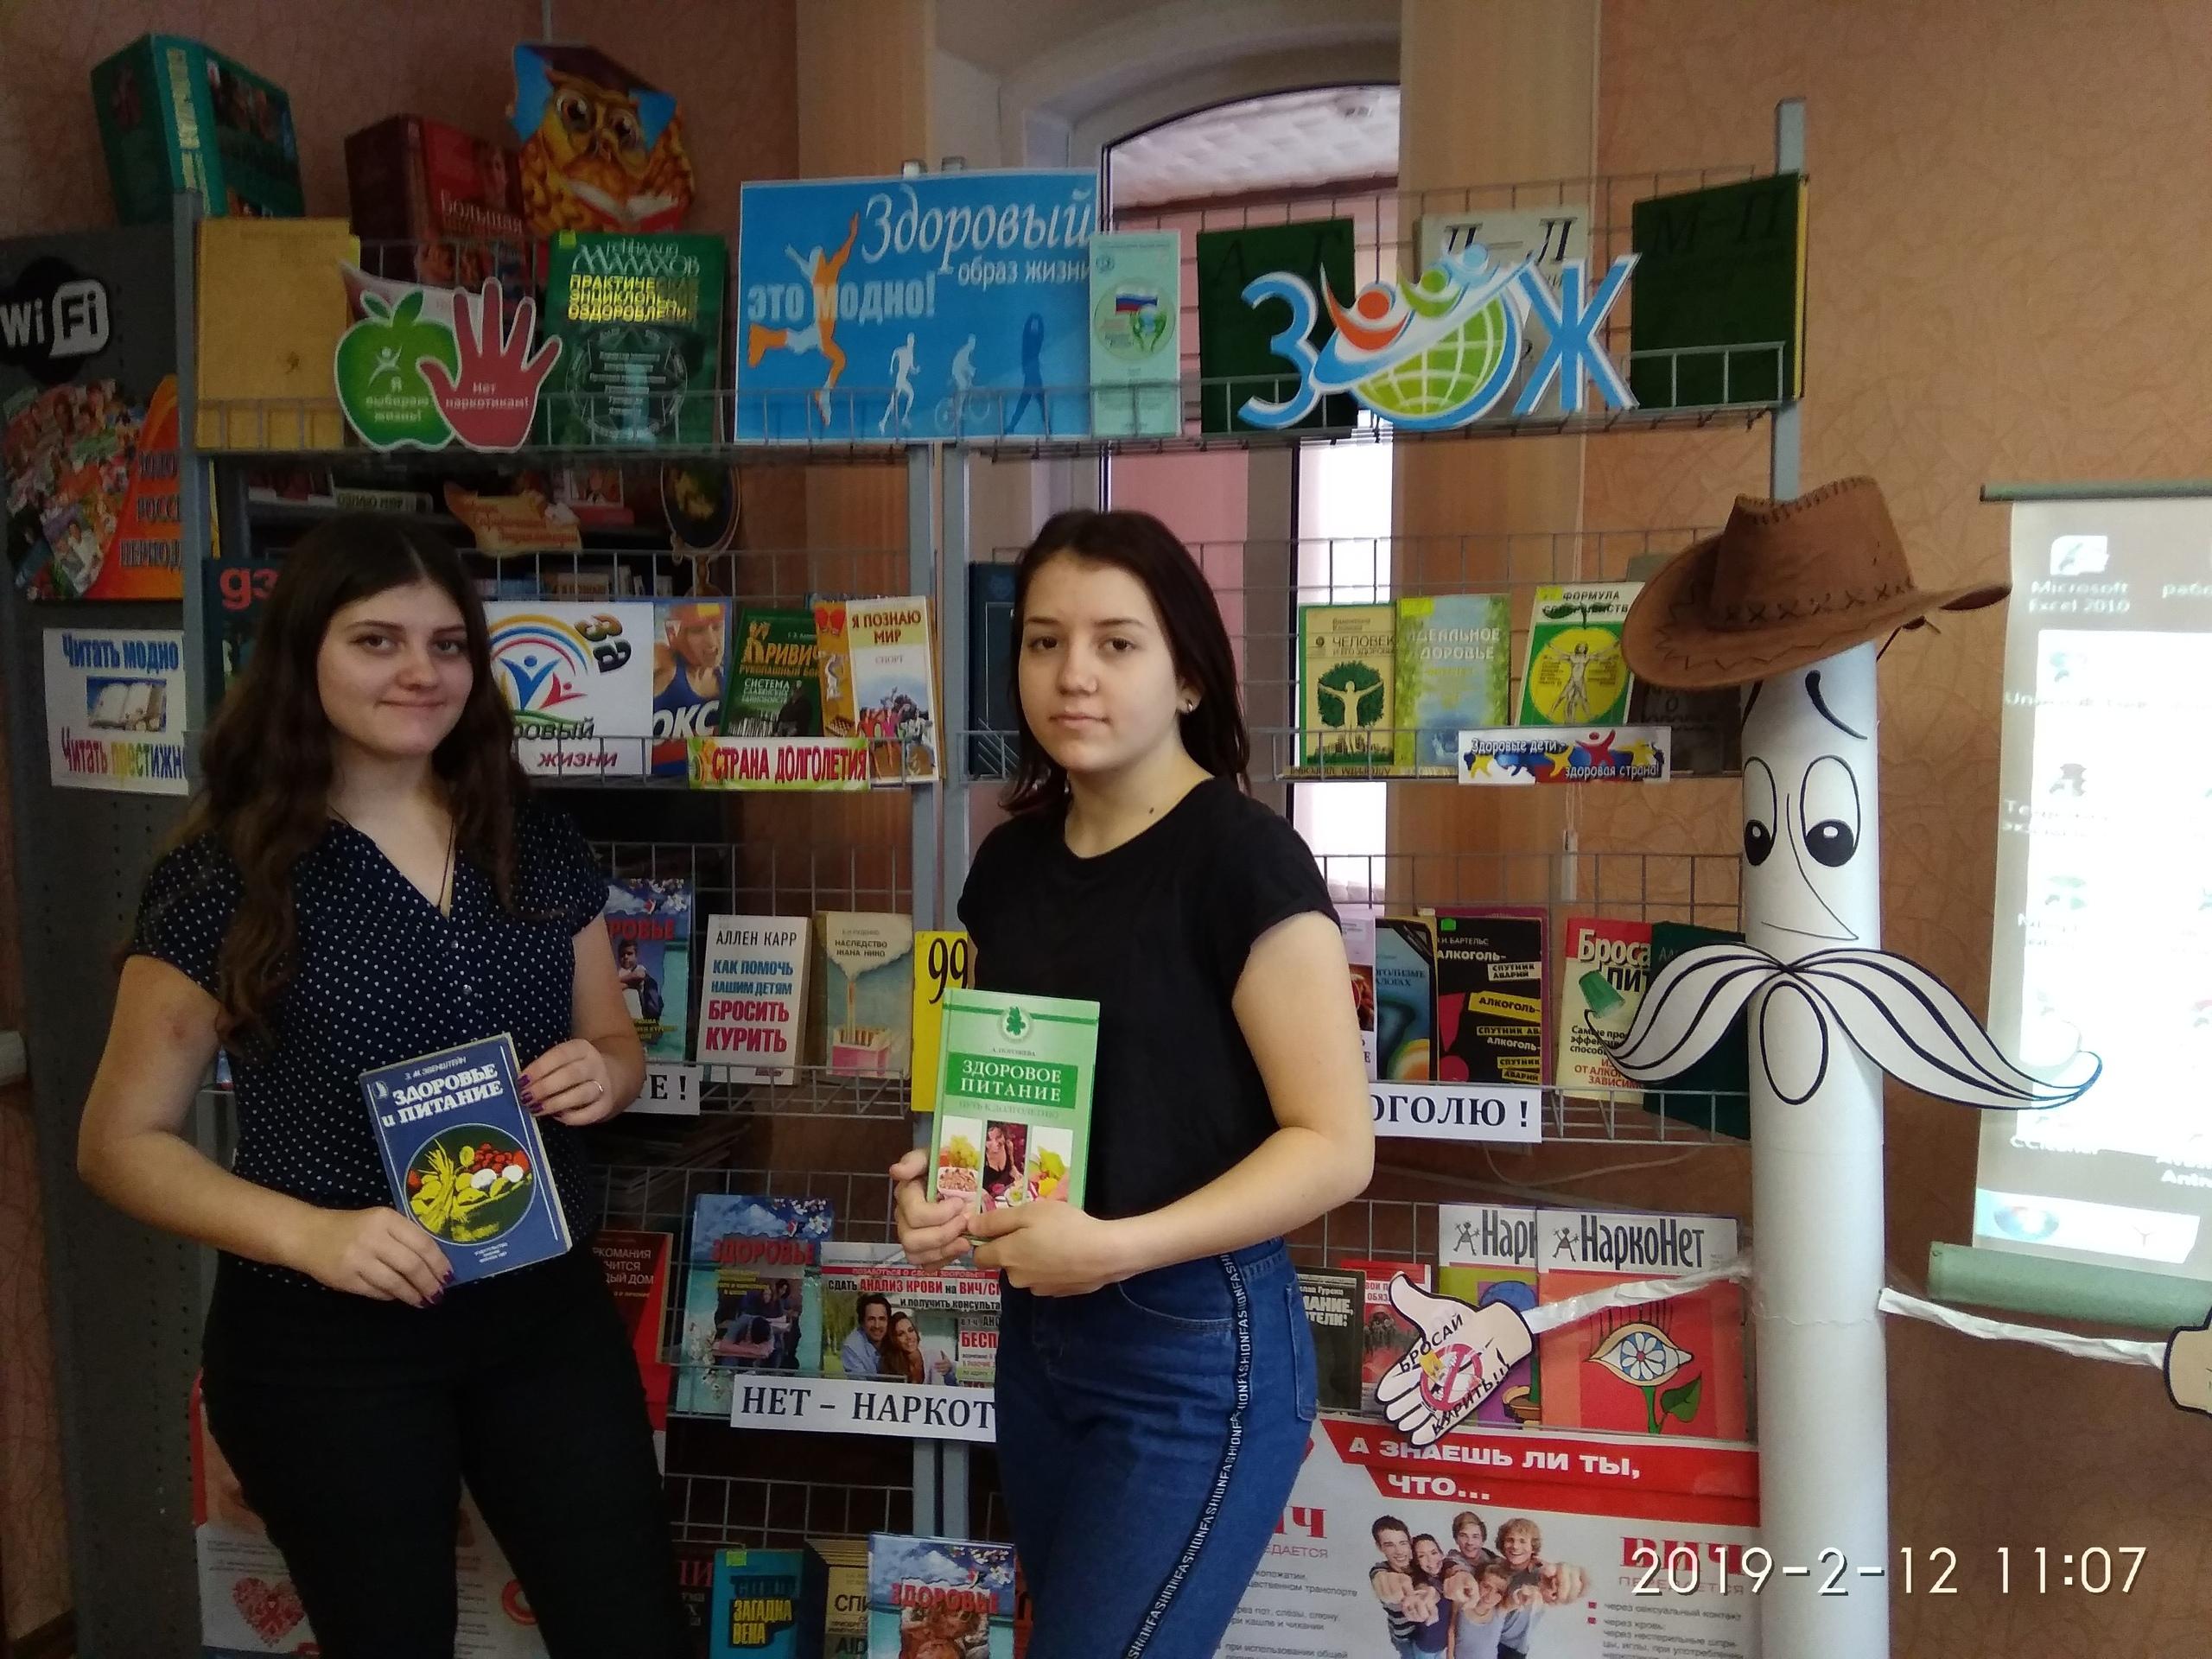 12 февраля в Суджанской Межпоселенческой библиотеке прошло мероприятие «Соблазн велик, но жизнь дороже», посвященное профилактике вредных привычек.